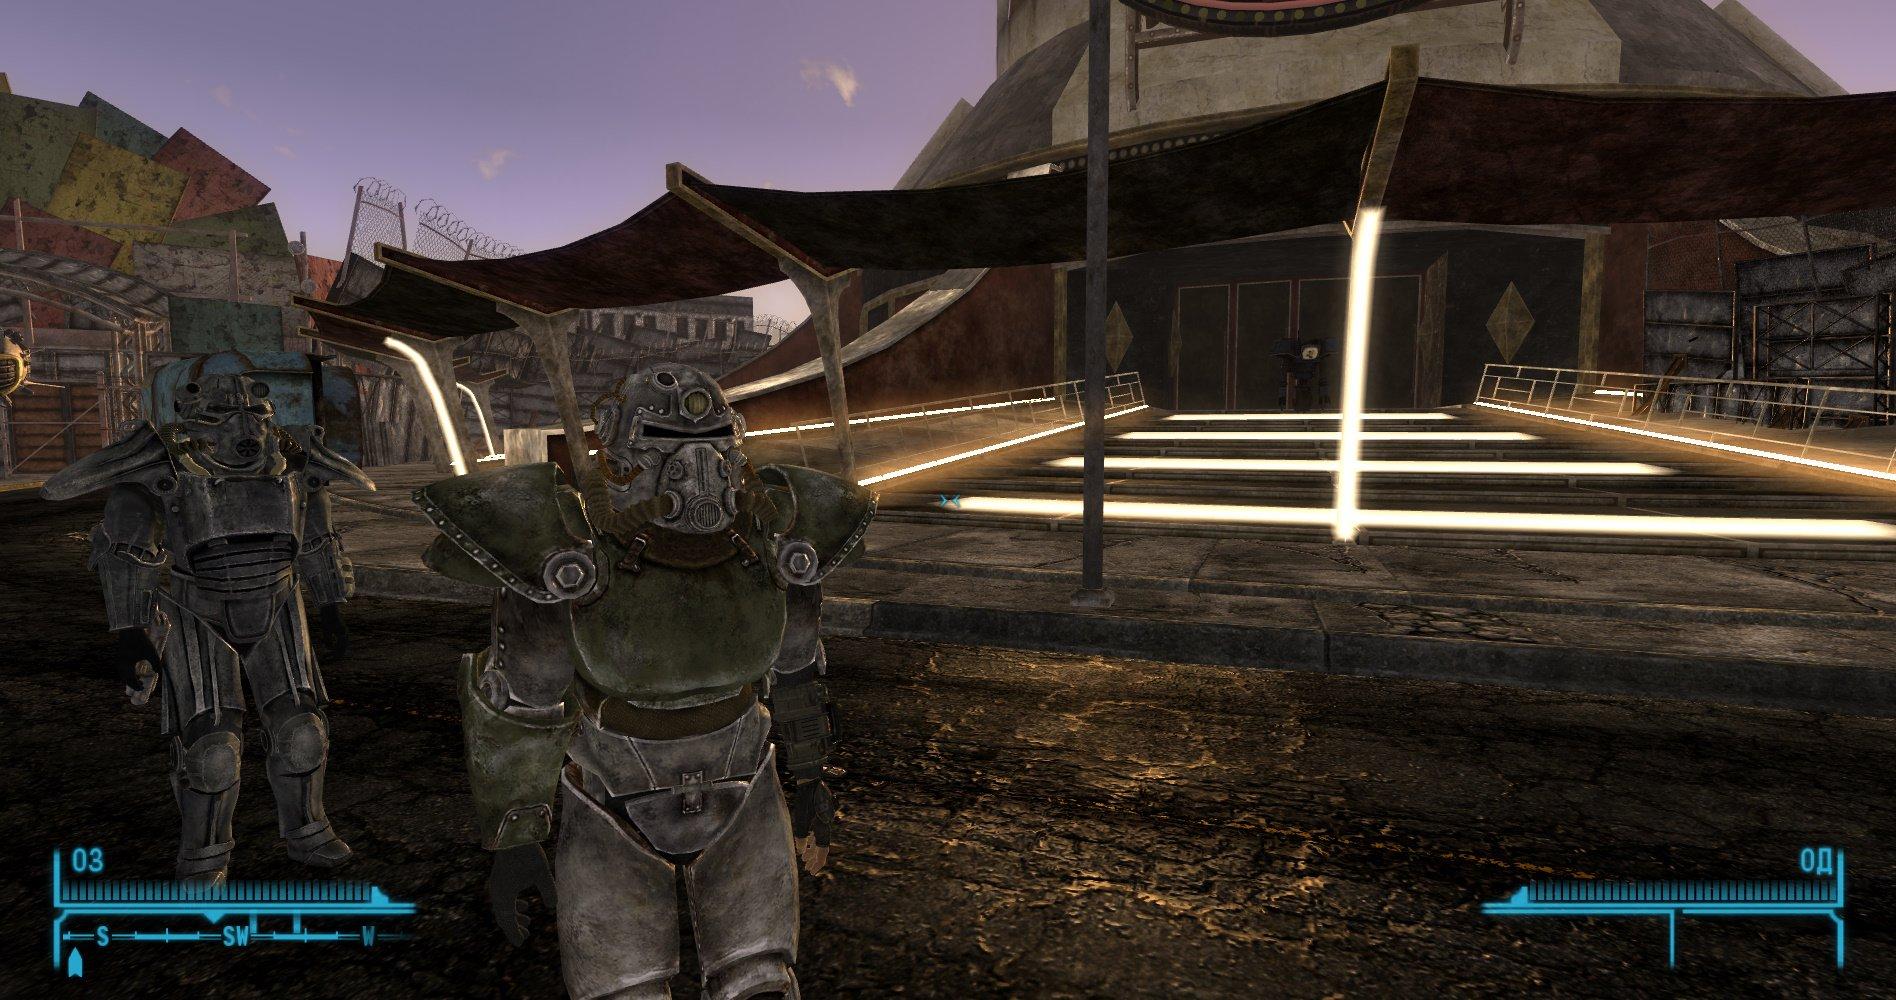 Сравнительный анализ (на самом деле нет) Fallout New Vegas vs. Fallout 4 (часть 1). - Изображение 16